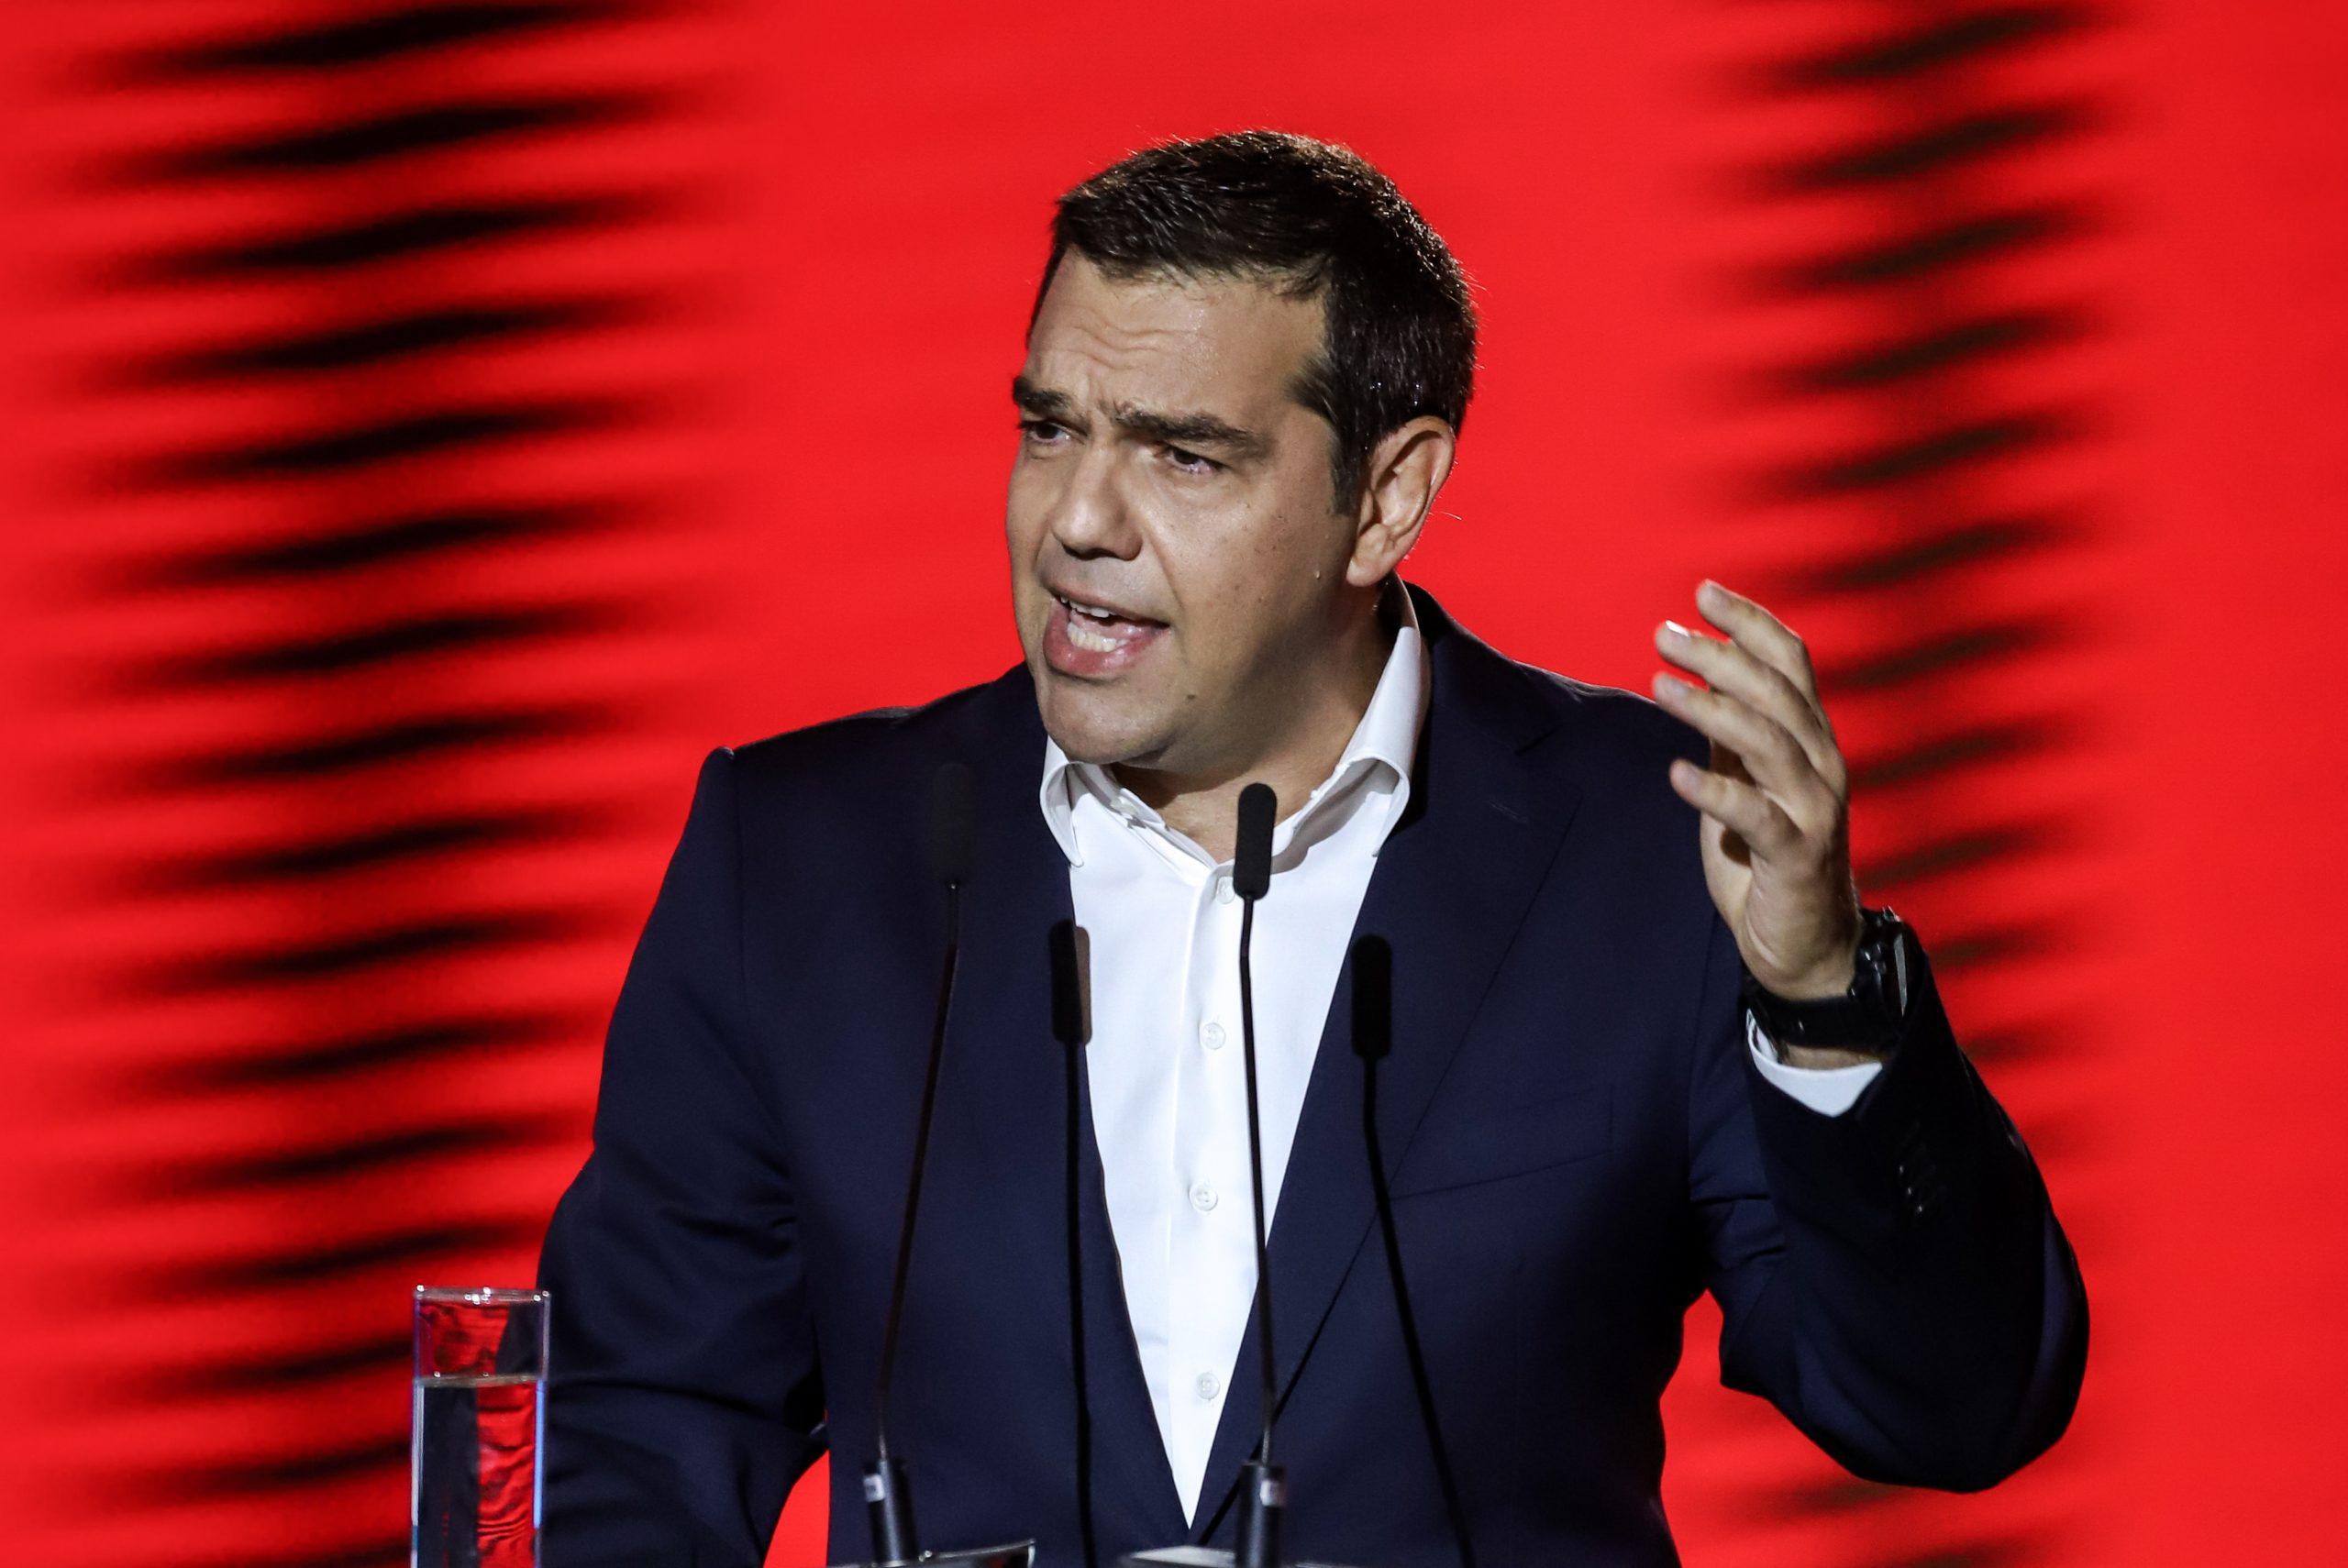 Τσίπρας στη ΔΕΘ:  Το σύμφωνο σταθερότητας της ΕΕ πρέπει να καταρηθεί – Η απάντηση στο Libre.gr και στο anatropinews.gr